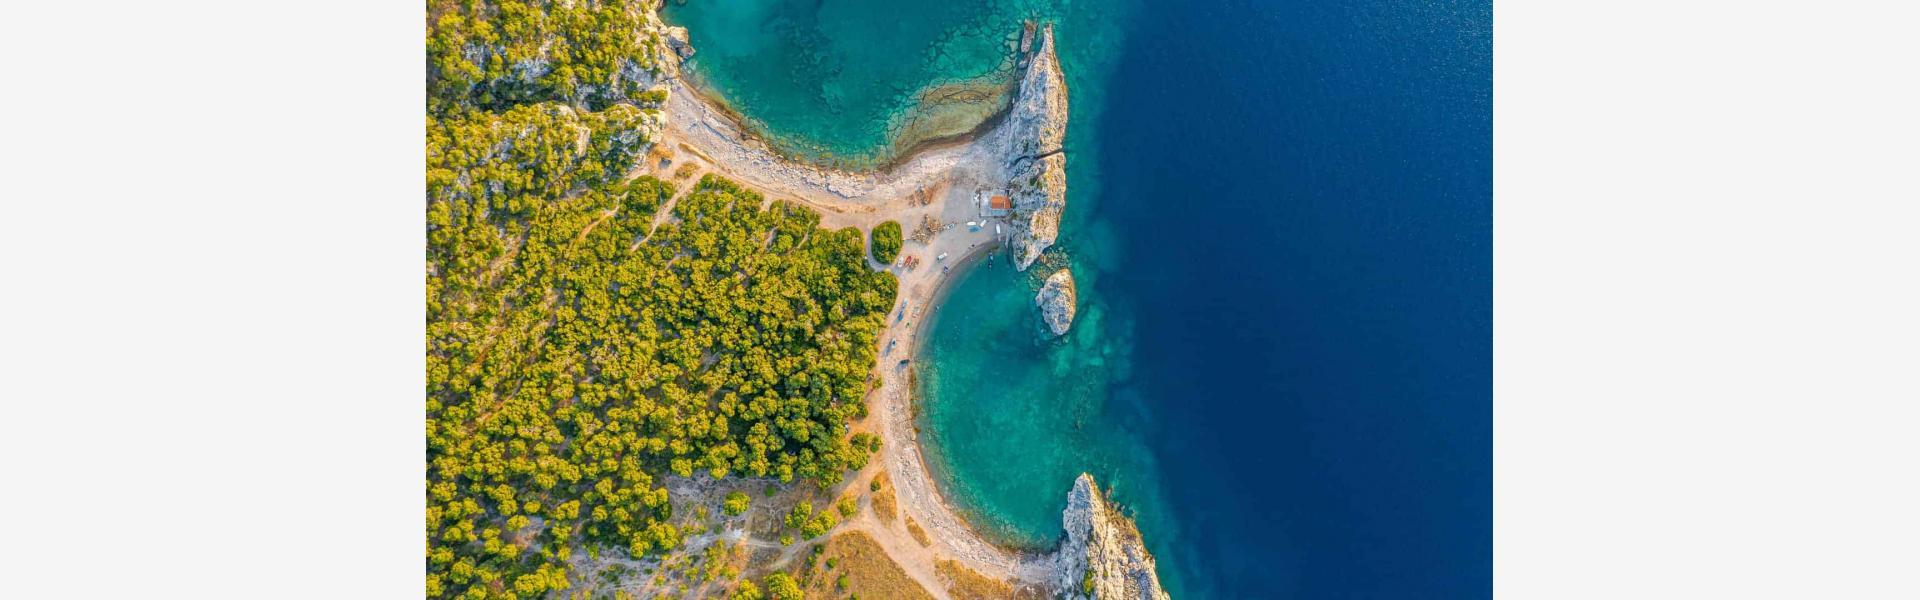 Η παραλία Μυλοκοπή